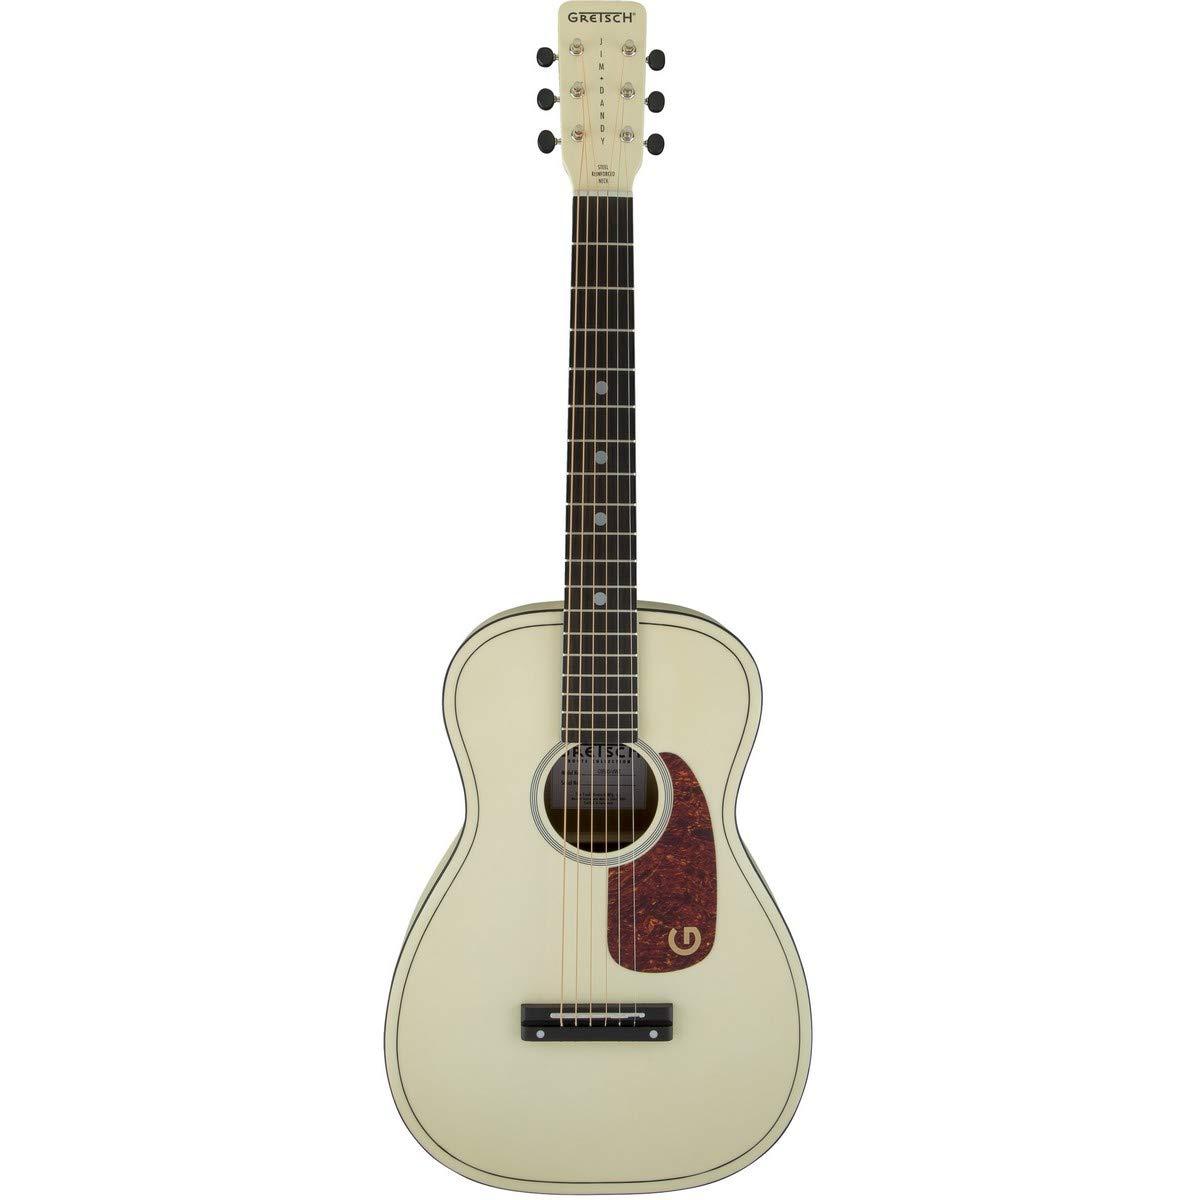 Gretsch G9500 Jim Dandy Flat Top Acoustic Guitar - 2 Color Sunburst 2704000503